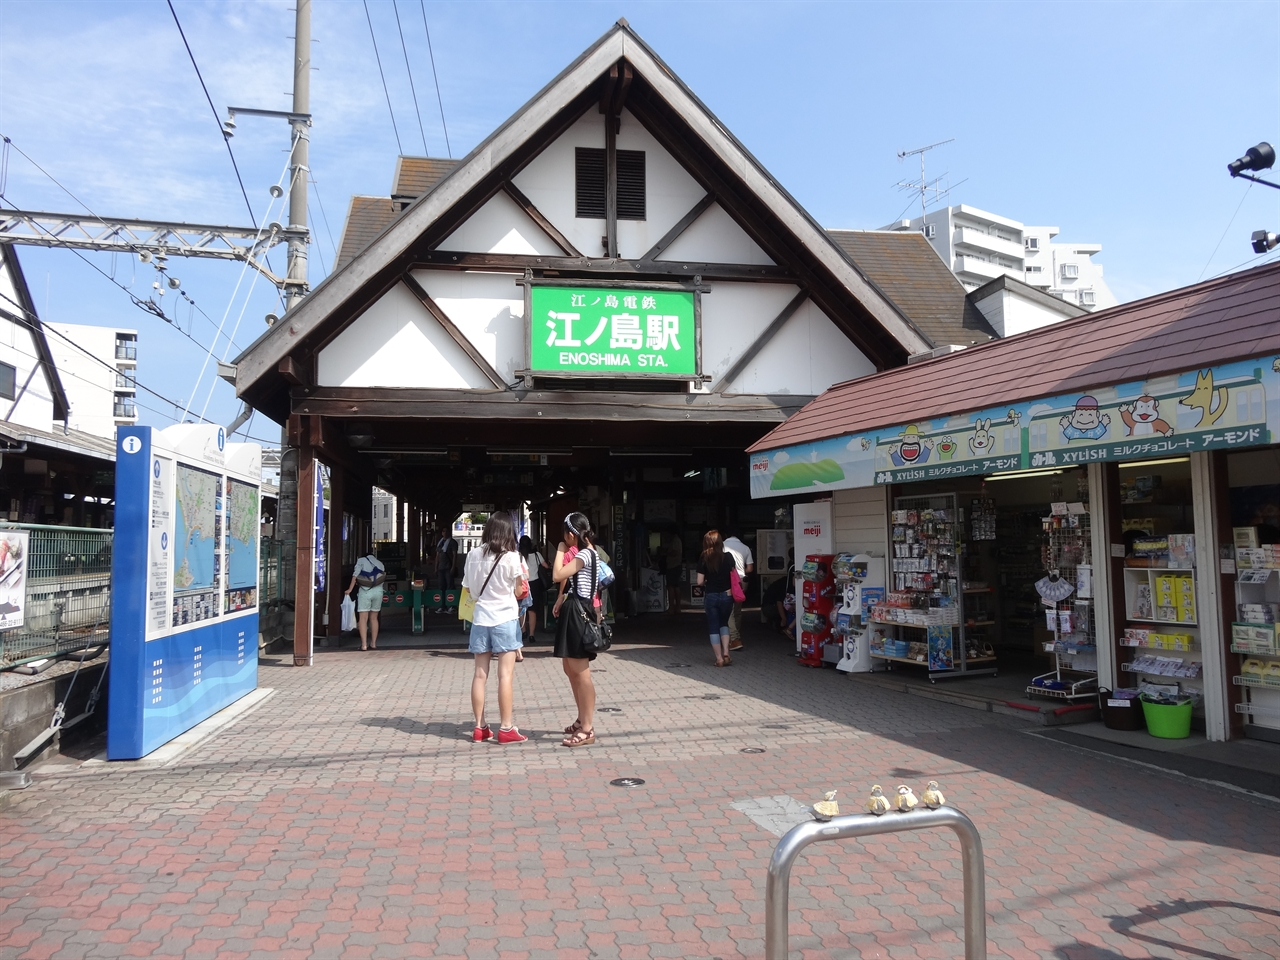 에노덴 관광의 거점인 에노시마역.